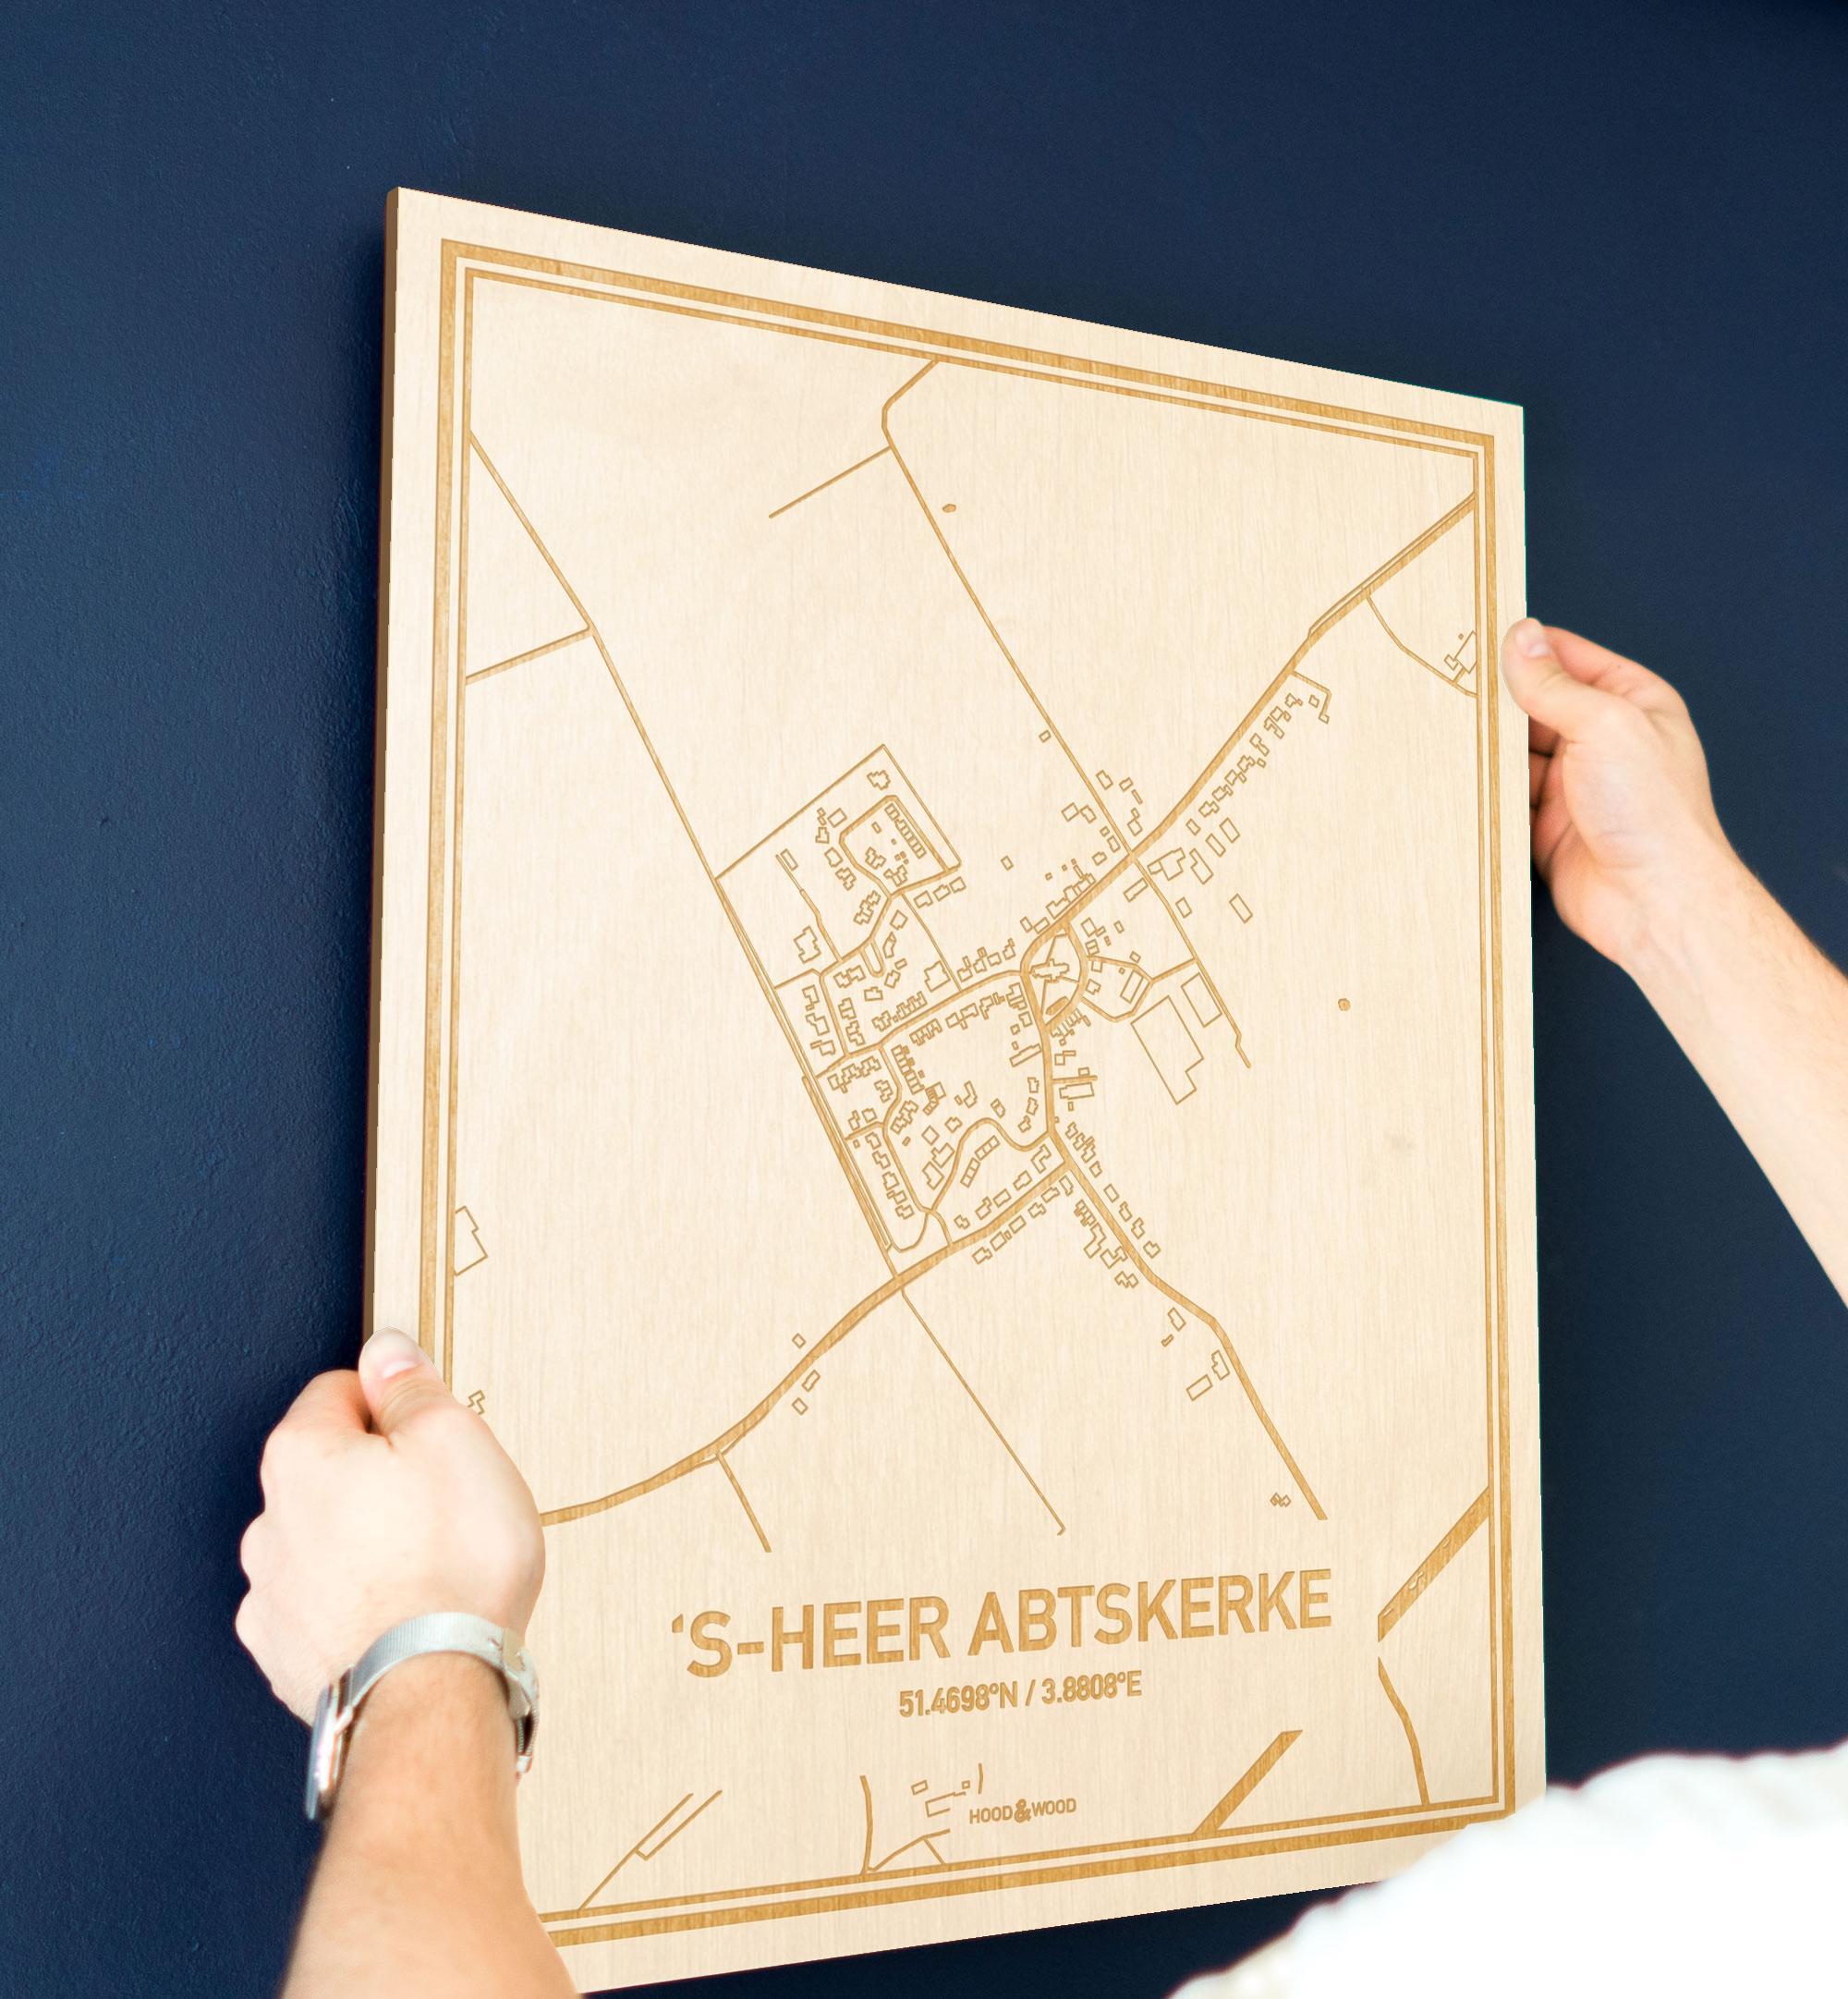 Een man hangt de houten plattegrond 's-Heer Abtskerke aan zijn blauwe muur ter decoratie. Je ziet alleen zijn handen de kaart van deze speciale in Zeeland vasthouden.